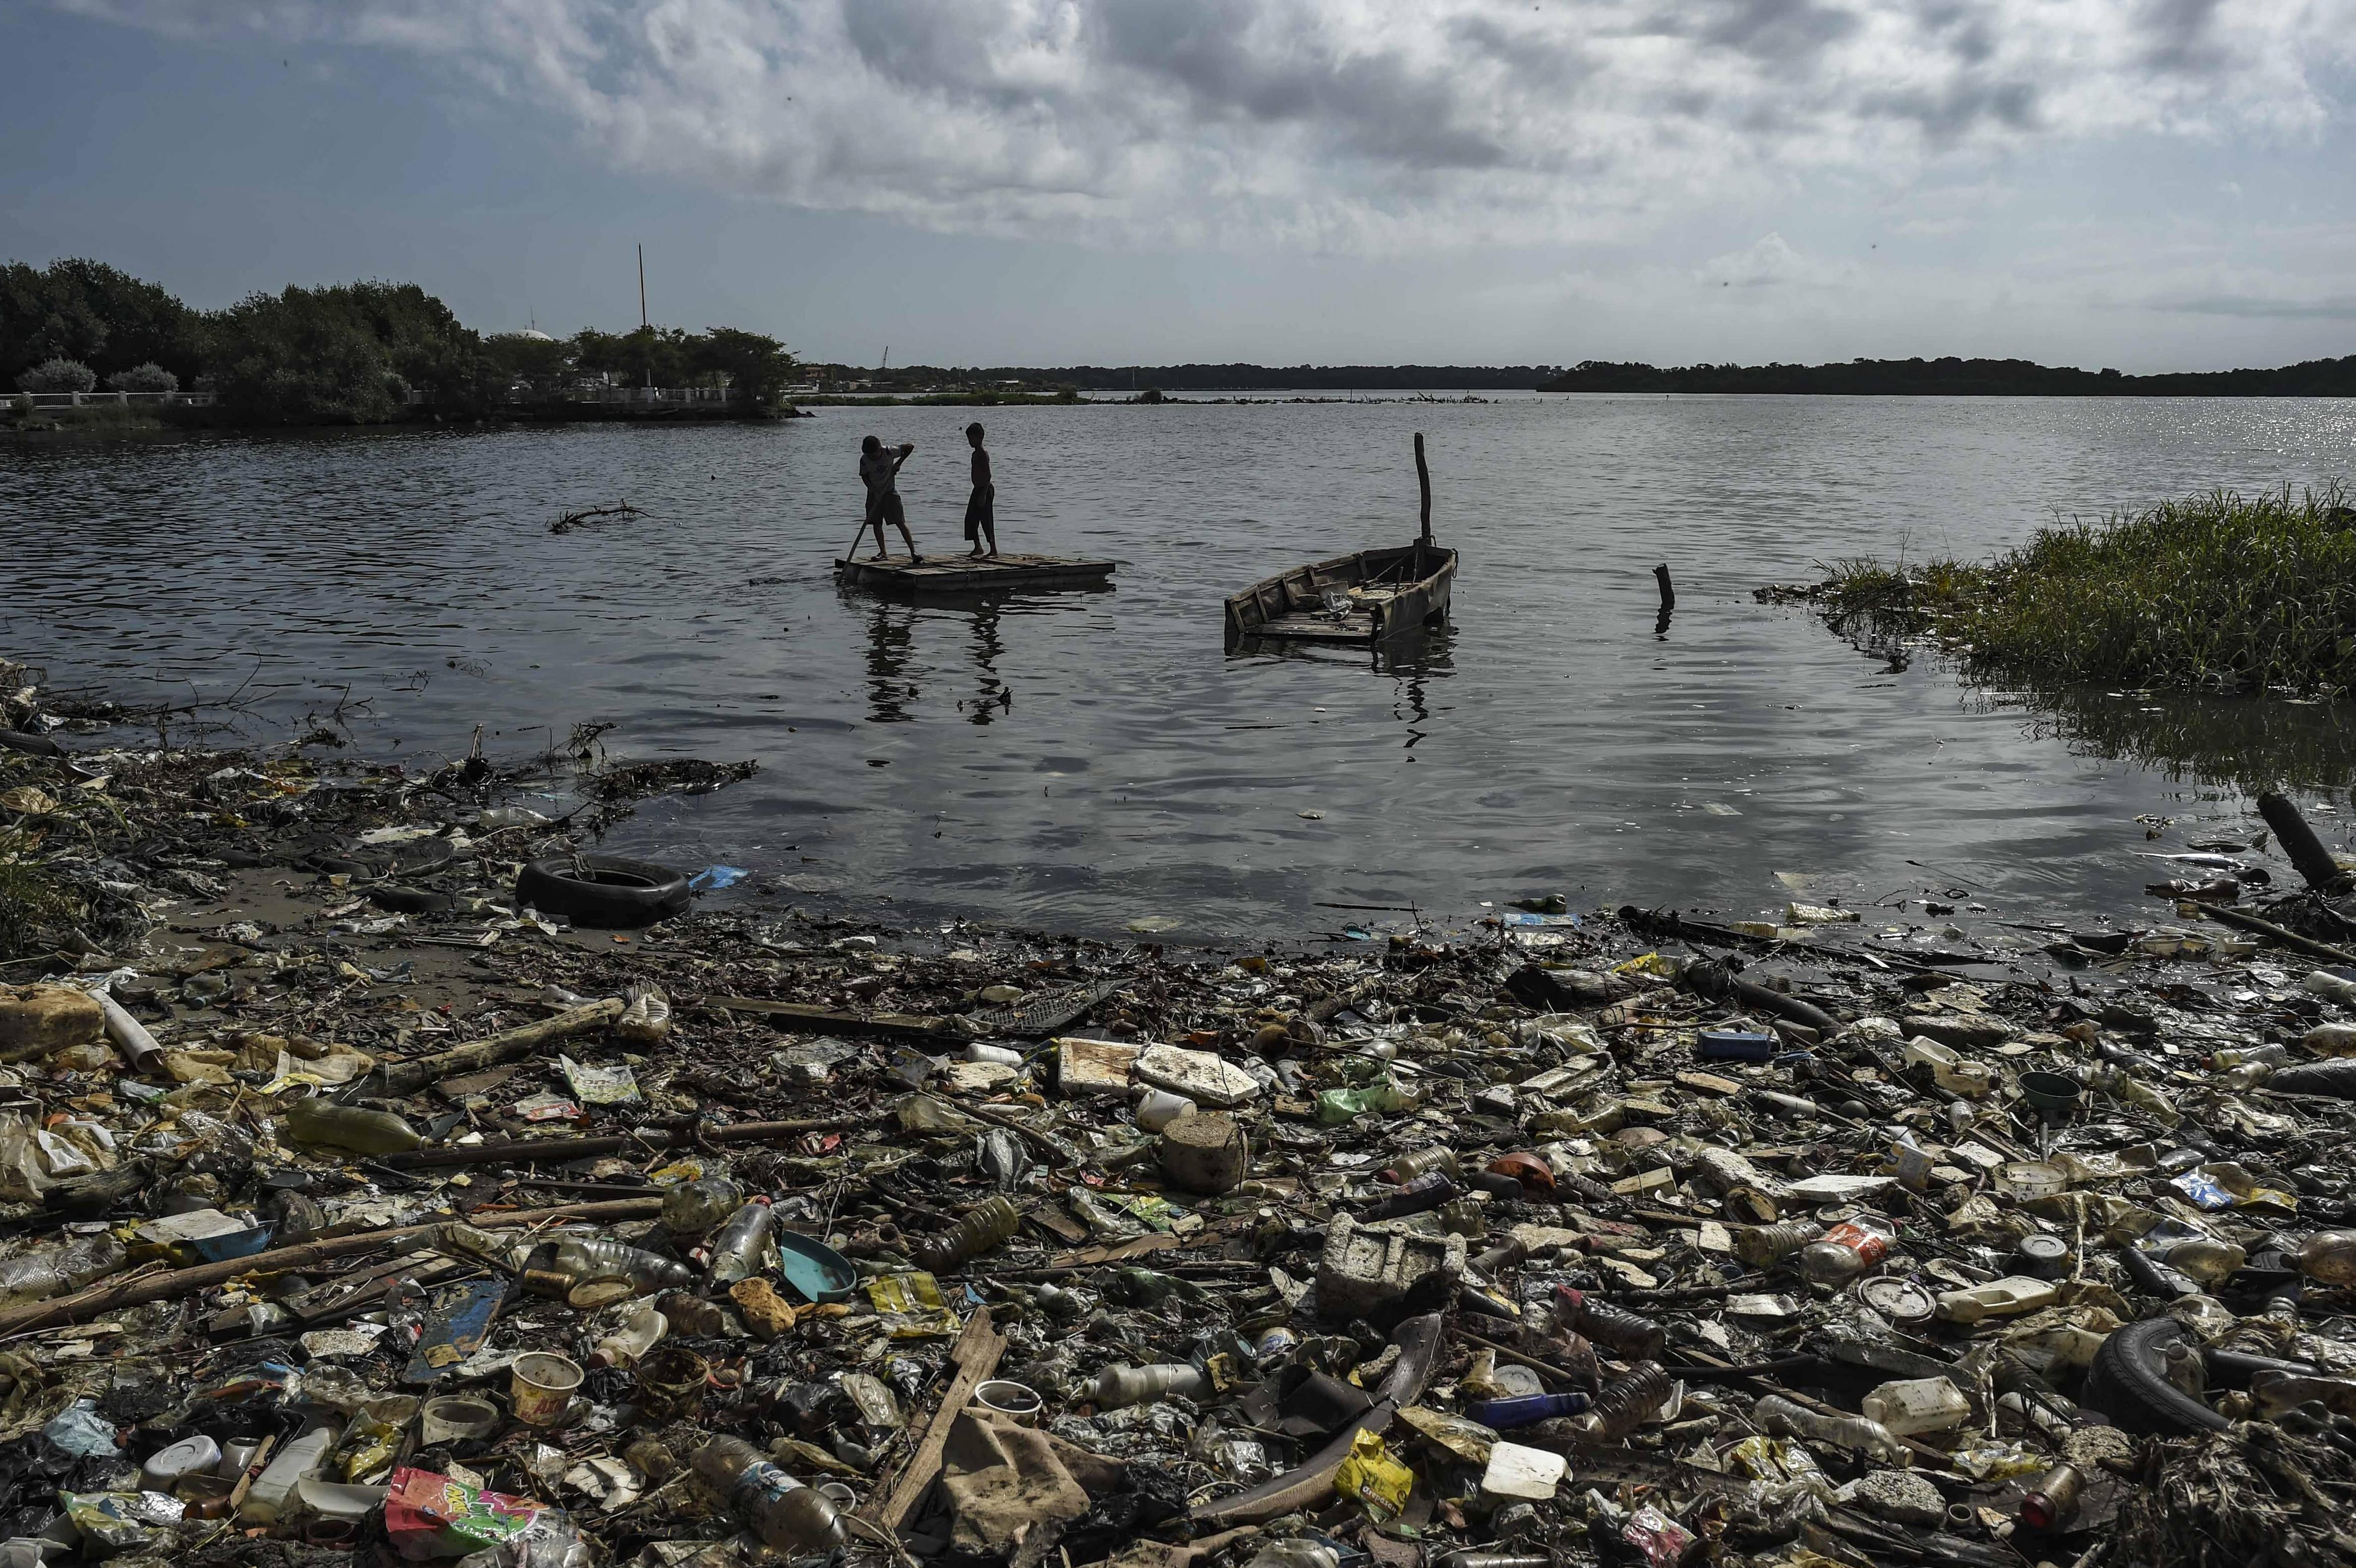 Crianças navegam em uma pequena balsa nas águas poluídas do lago Maracaibo | Foto: YURI CORTEZ / AFP